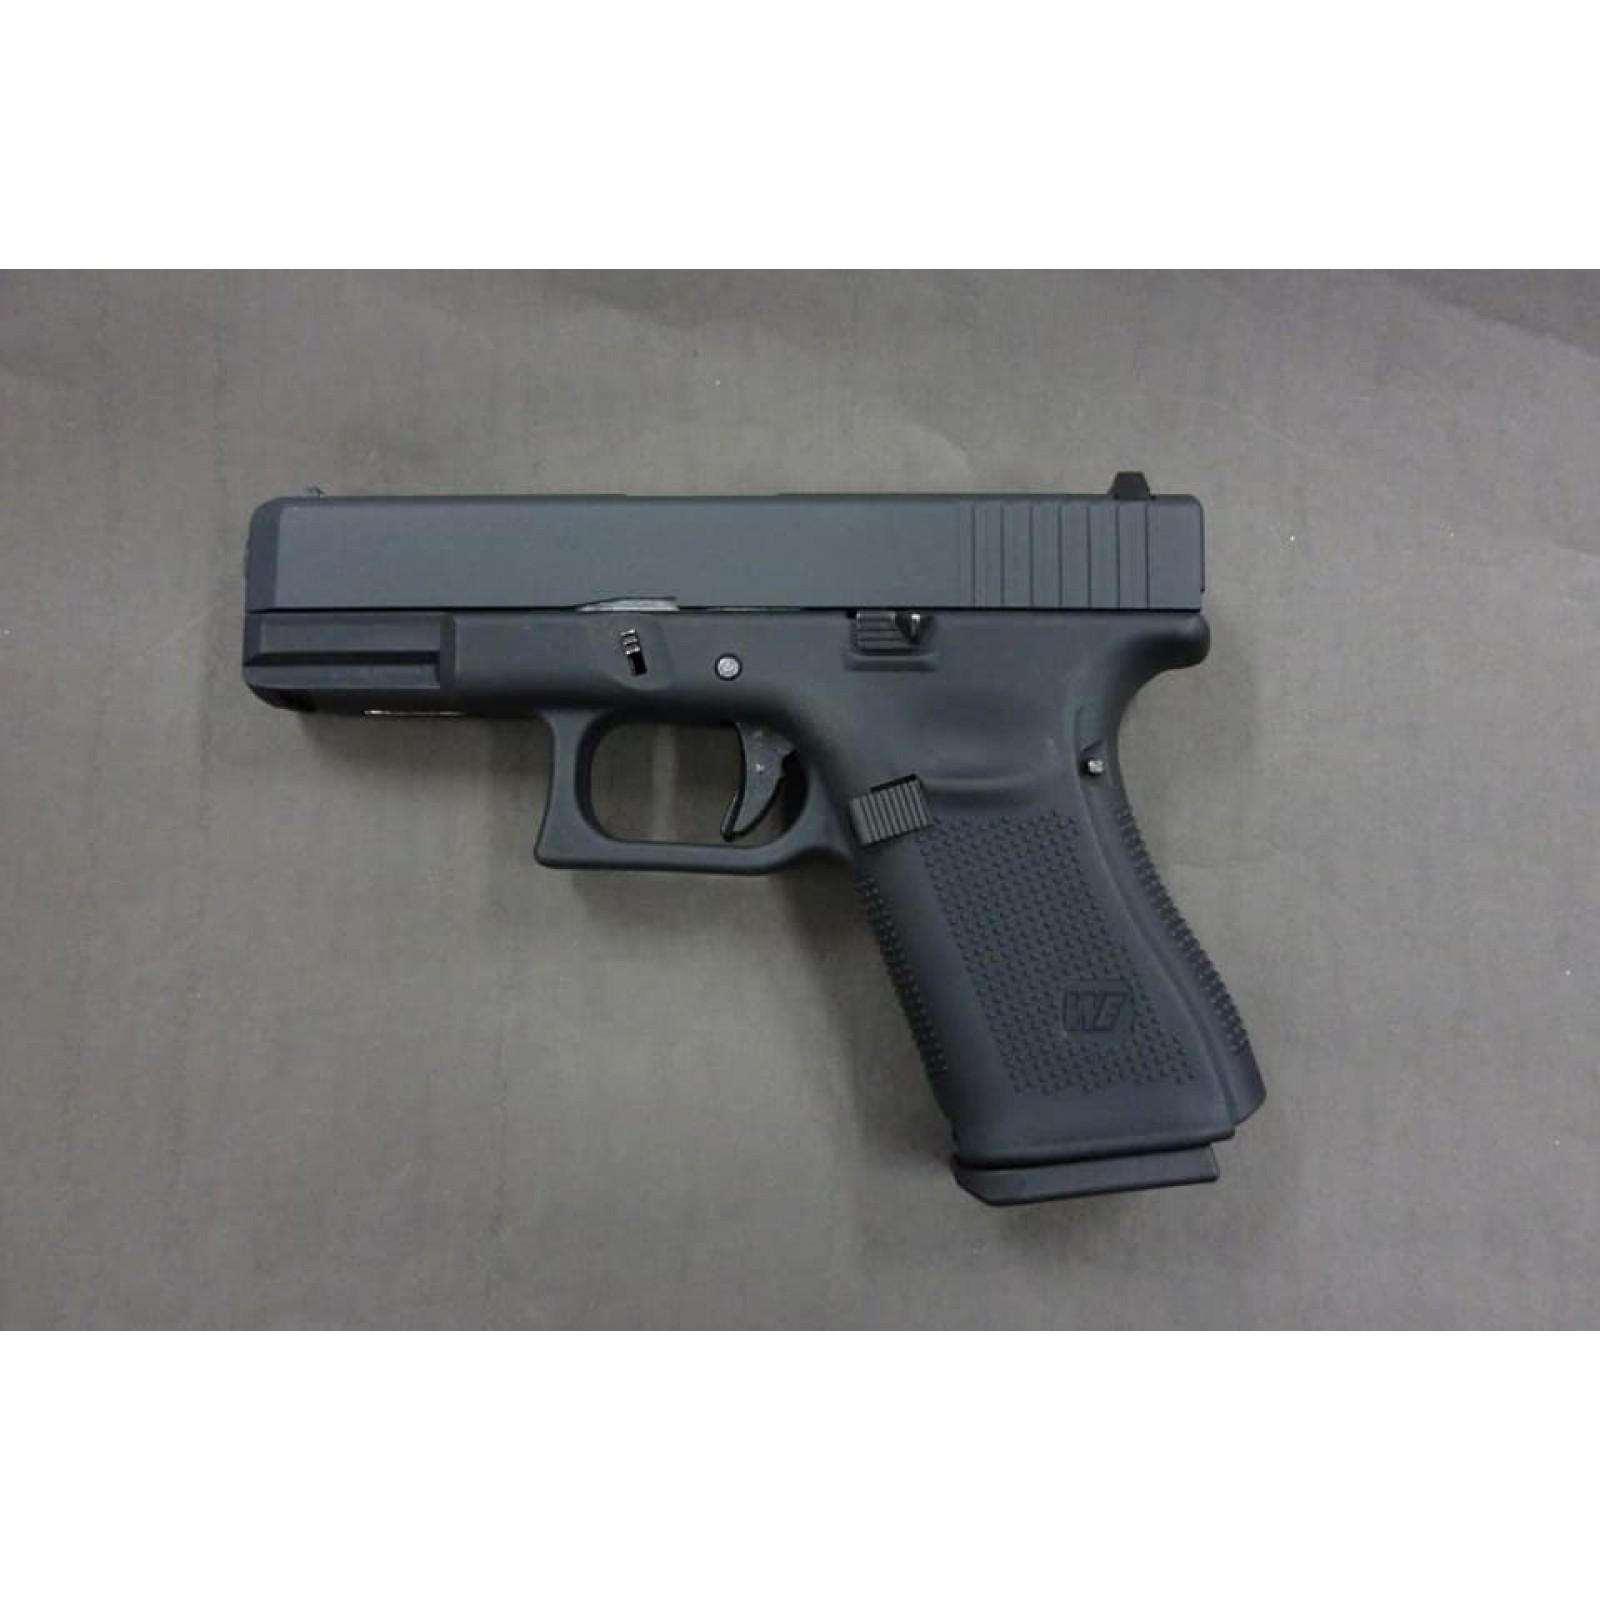 WE G19 GEN5 GBB pistol BK - WE G Series (Glock) - WE Pistols